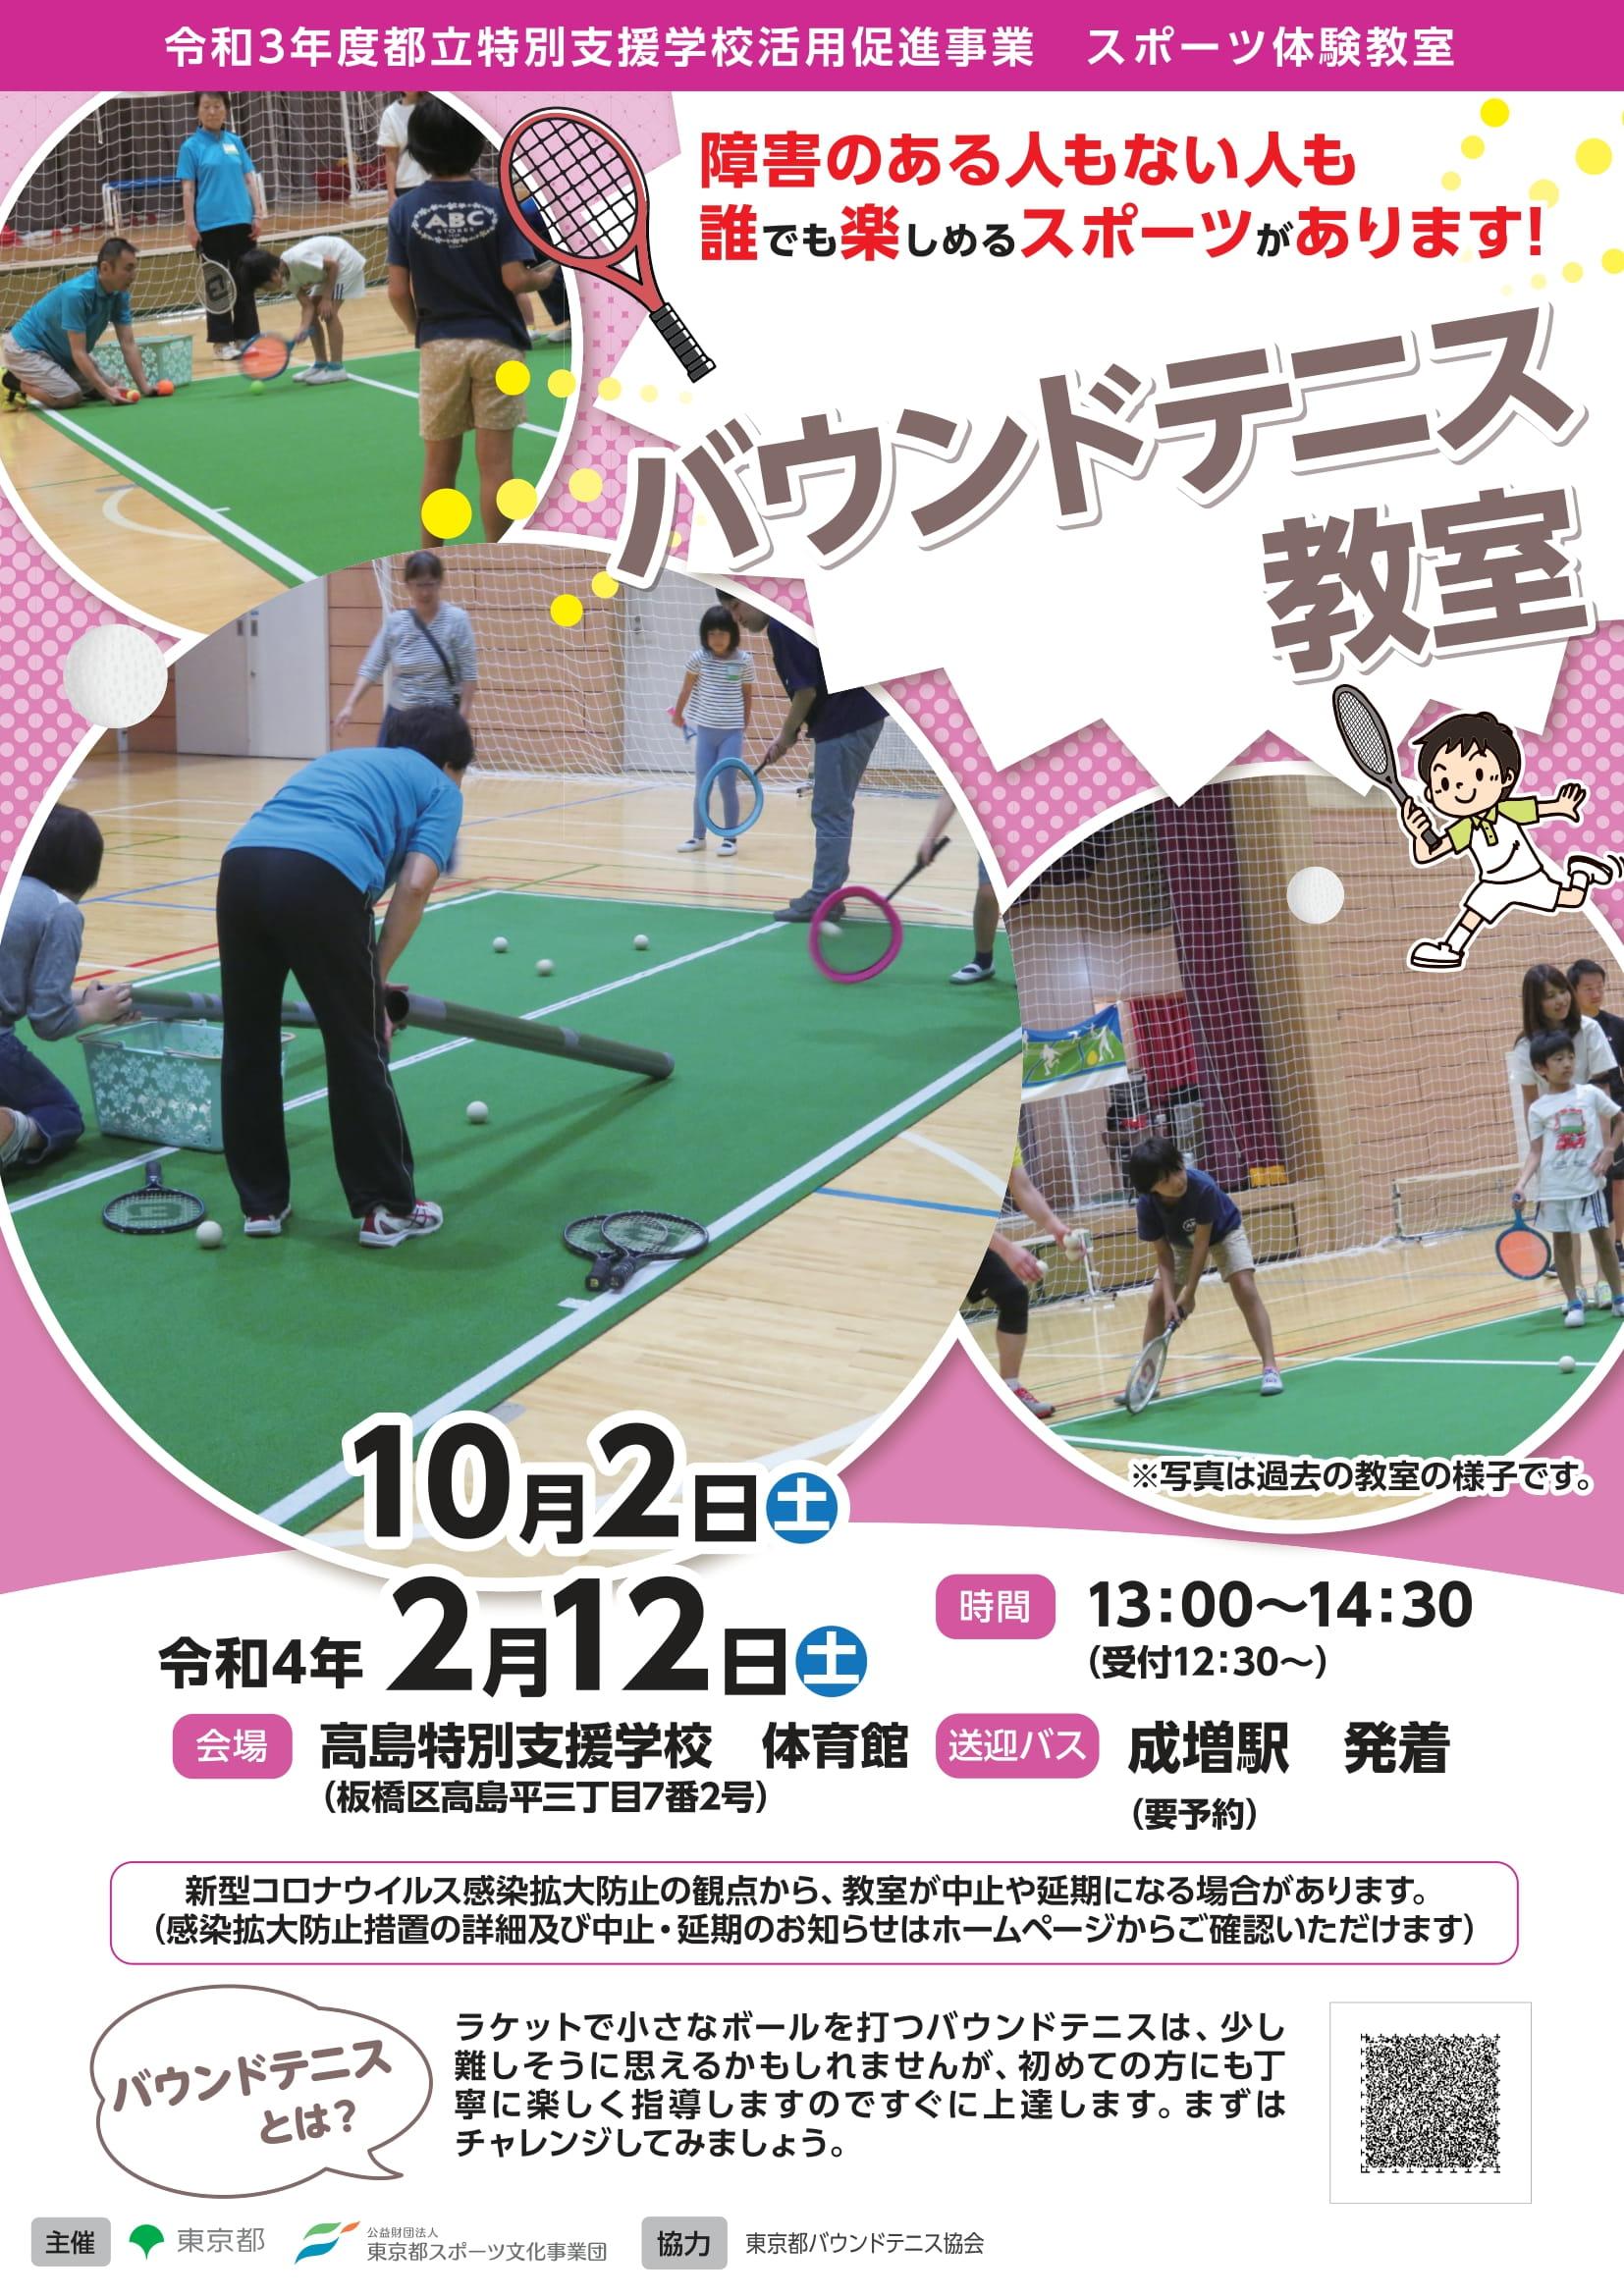 バウンドテニス教室【高島】